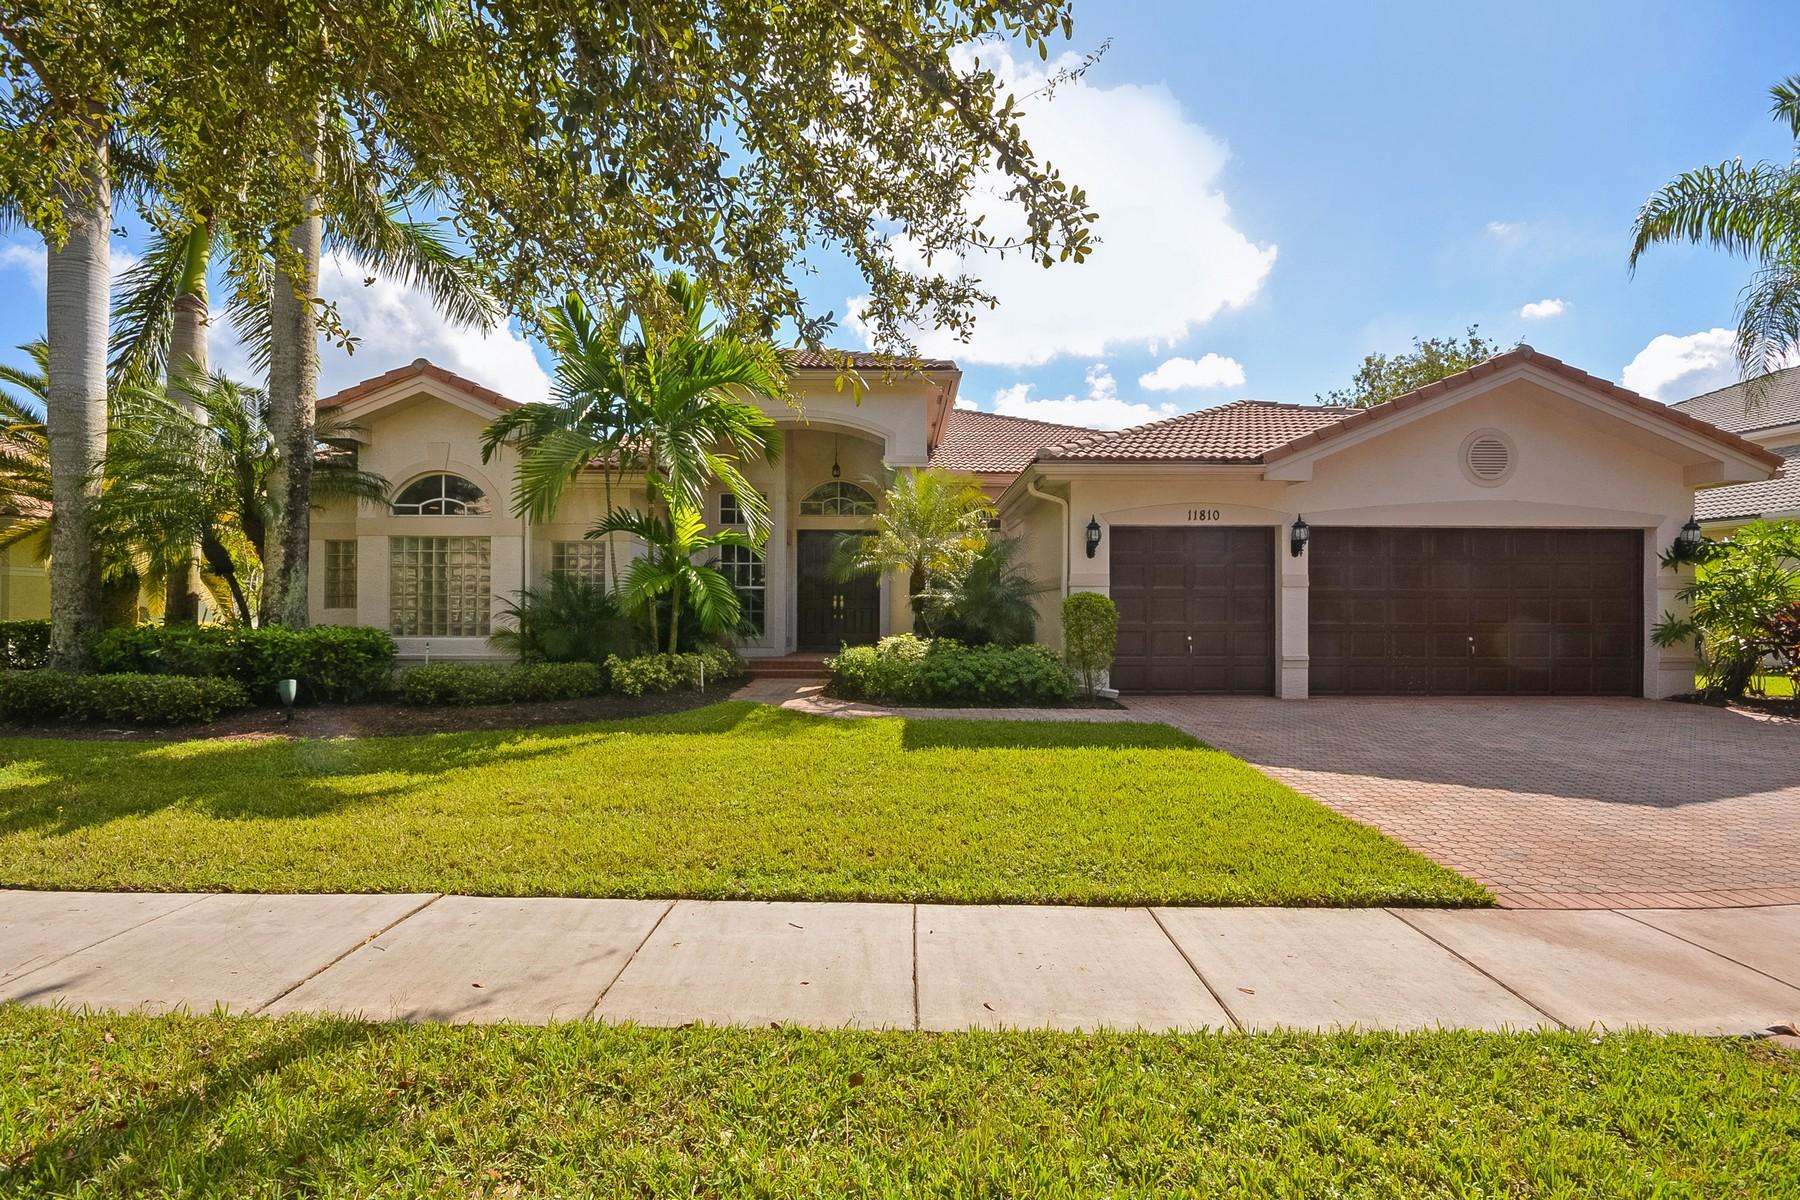 Casa Unifamiliar por un Venta en 11810 Bayfield Dr , Boca Raton, FL 33498 11810 Bayfield Dr Boca Raton, Florida 33498 Estados Unidos